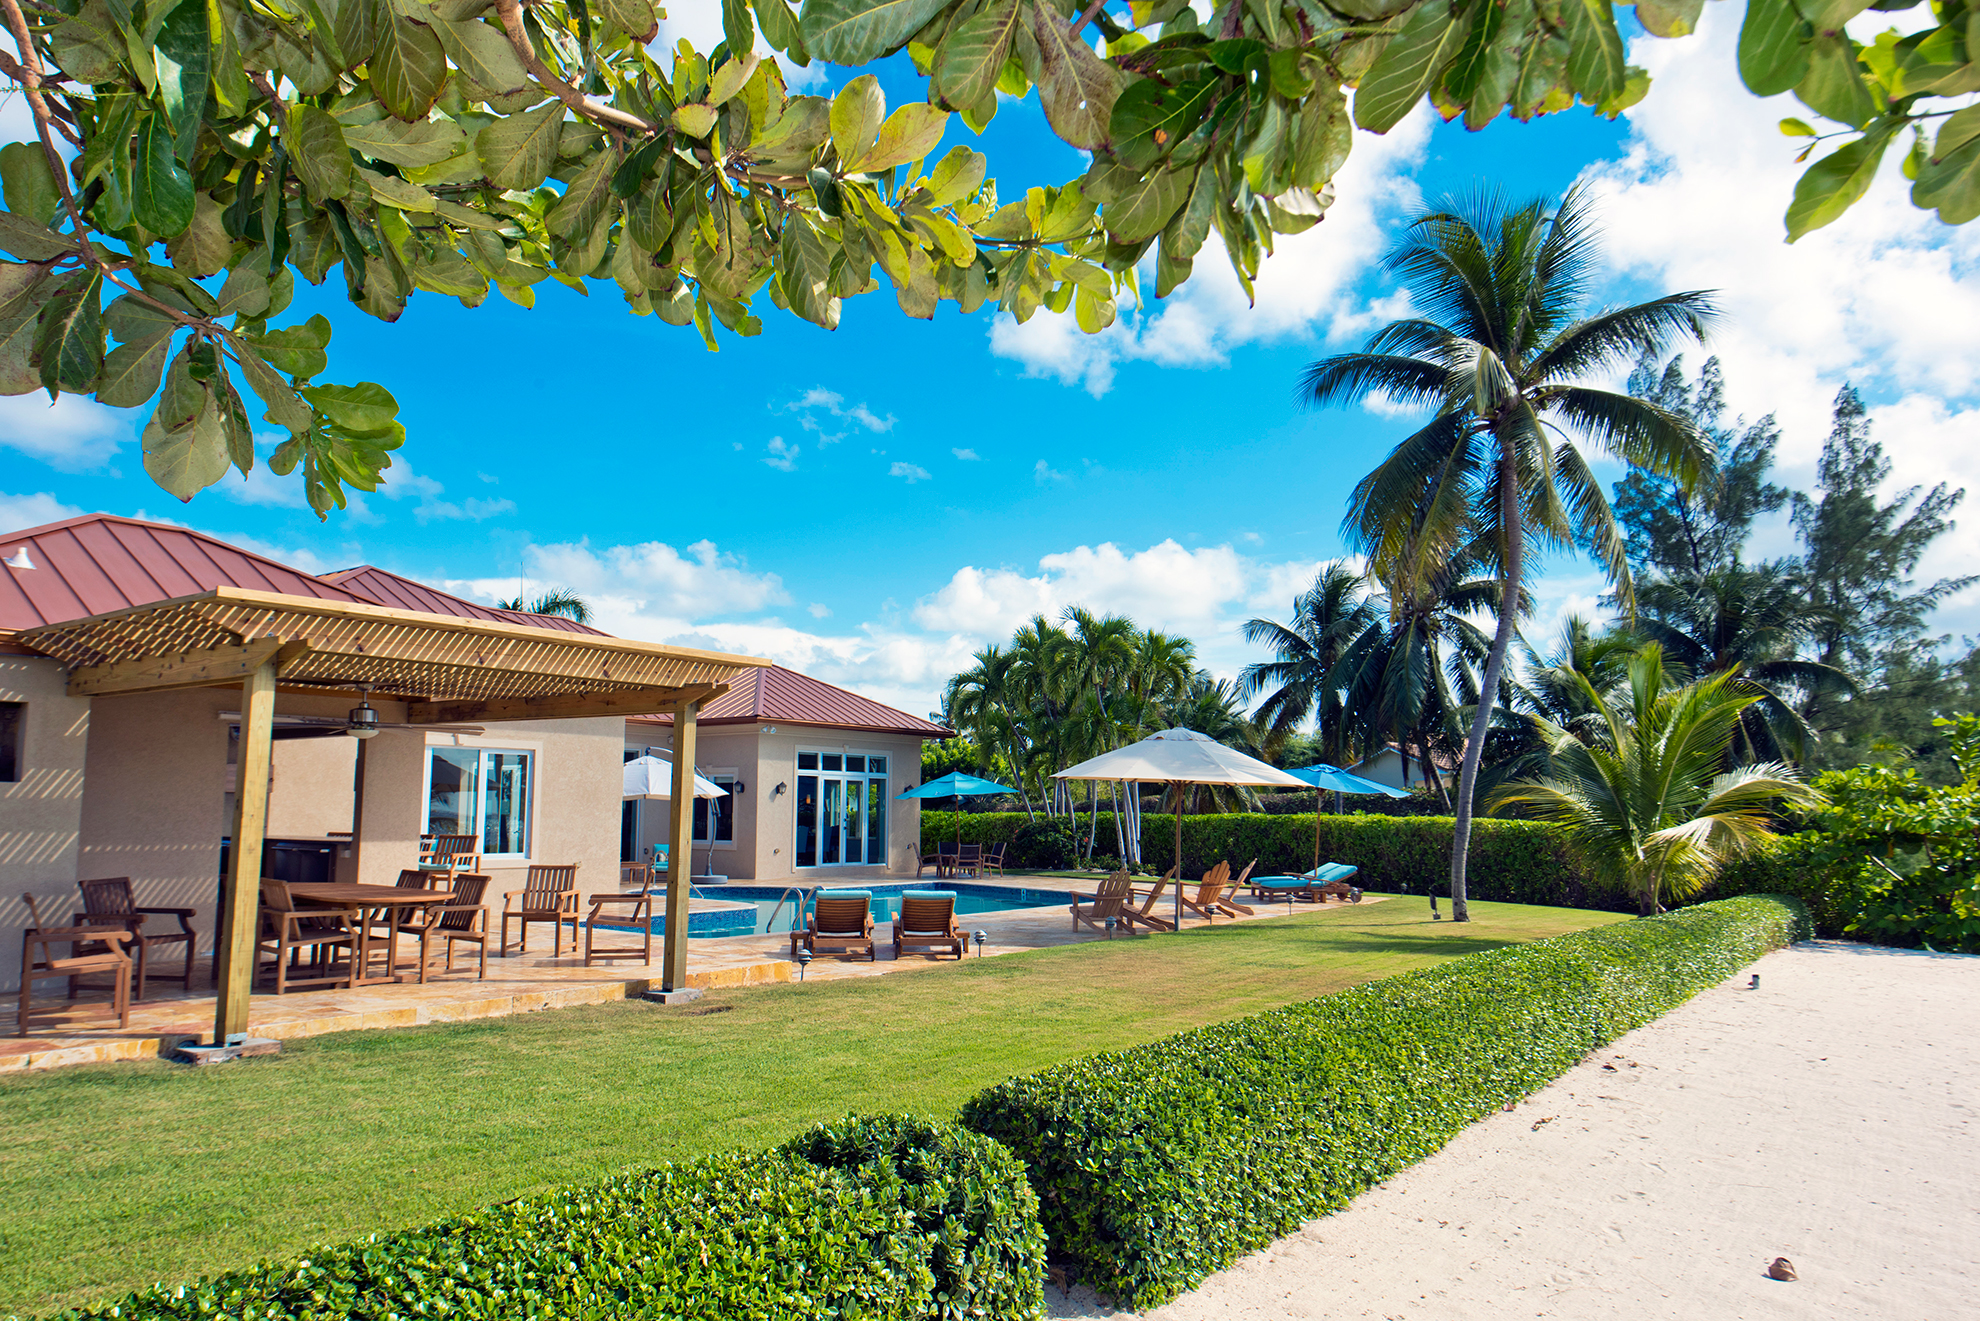 Faroway Villa Outdoor Dining